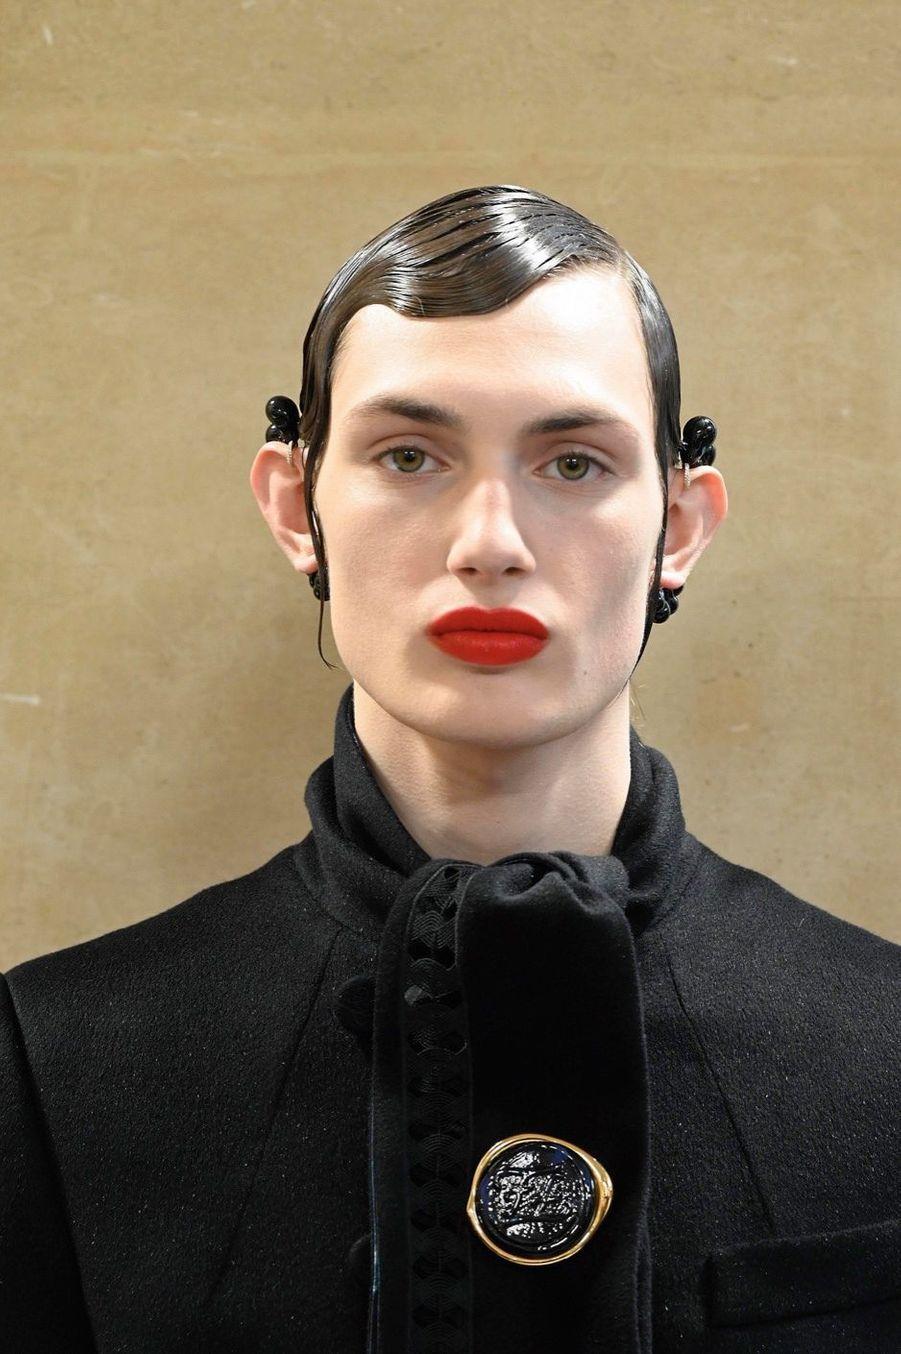 L'«Orlando » de Kim Jones. Sur le médaillon, une « karligraphie », hommage au maître Lagerfeld.